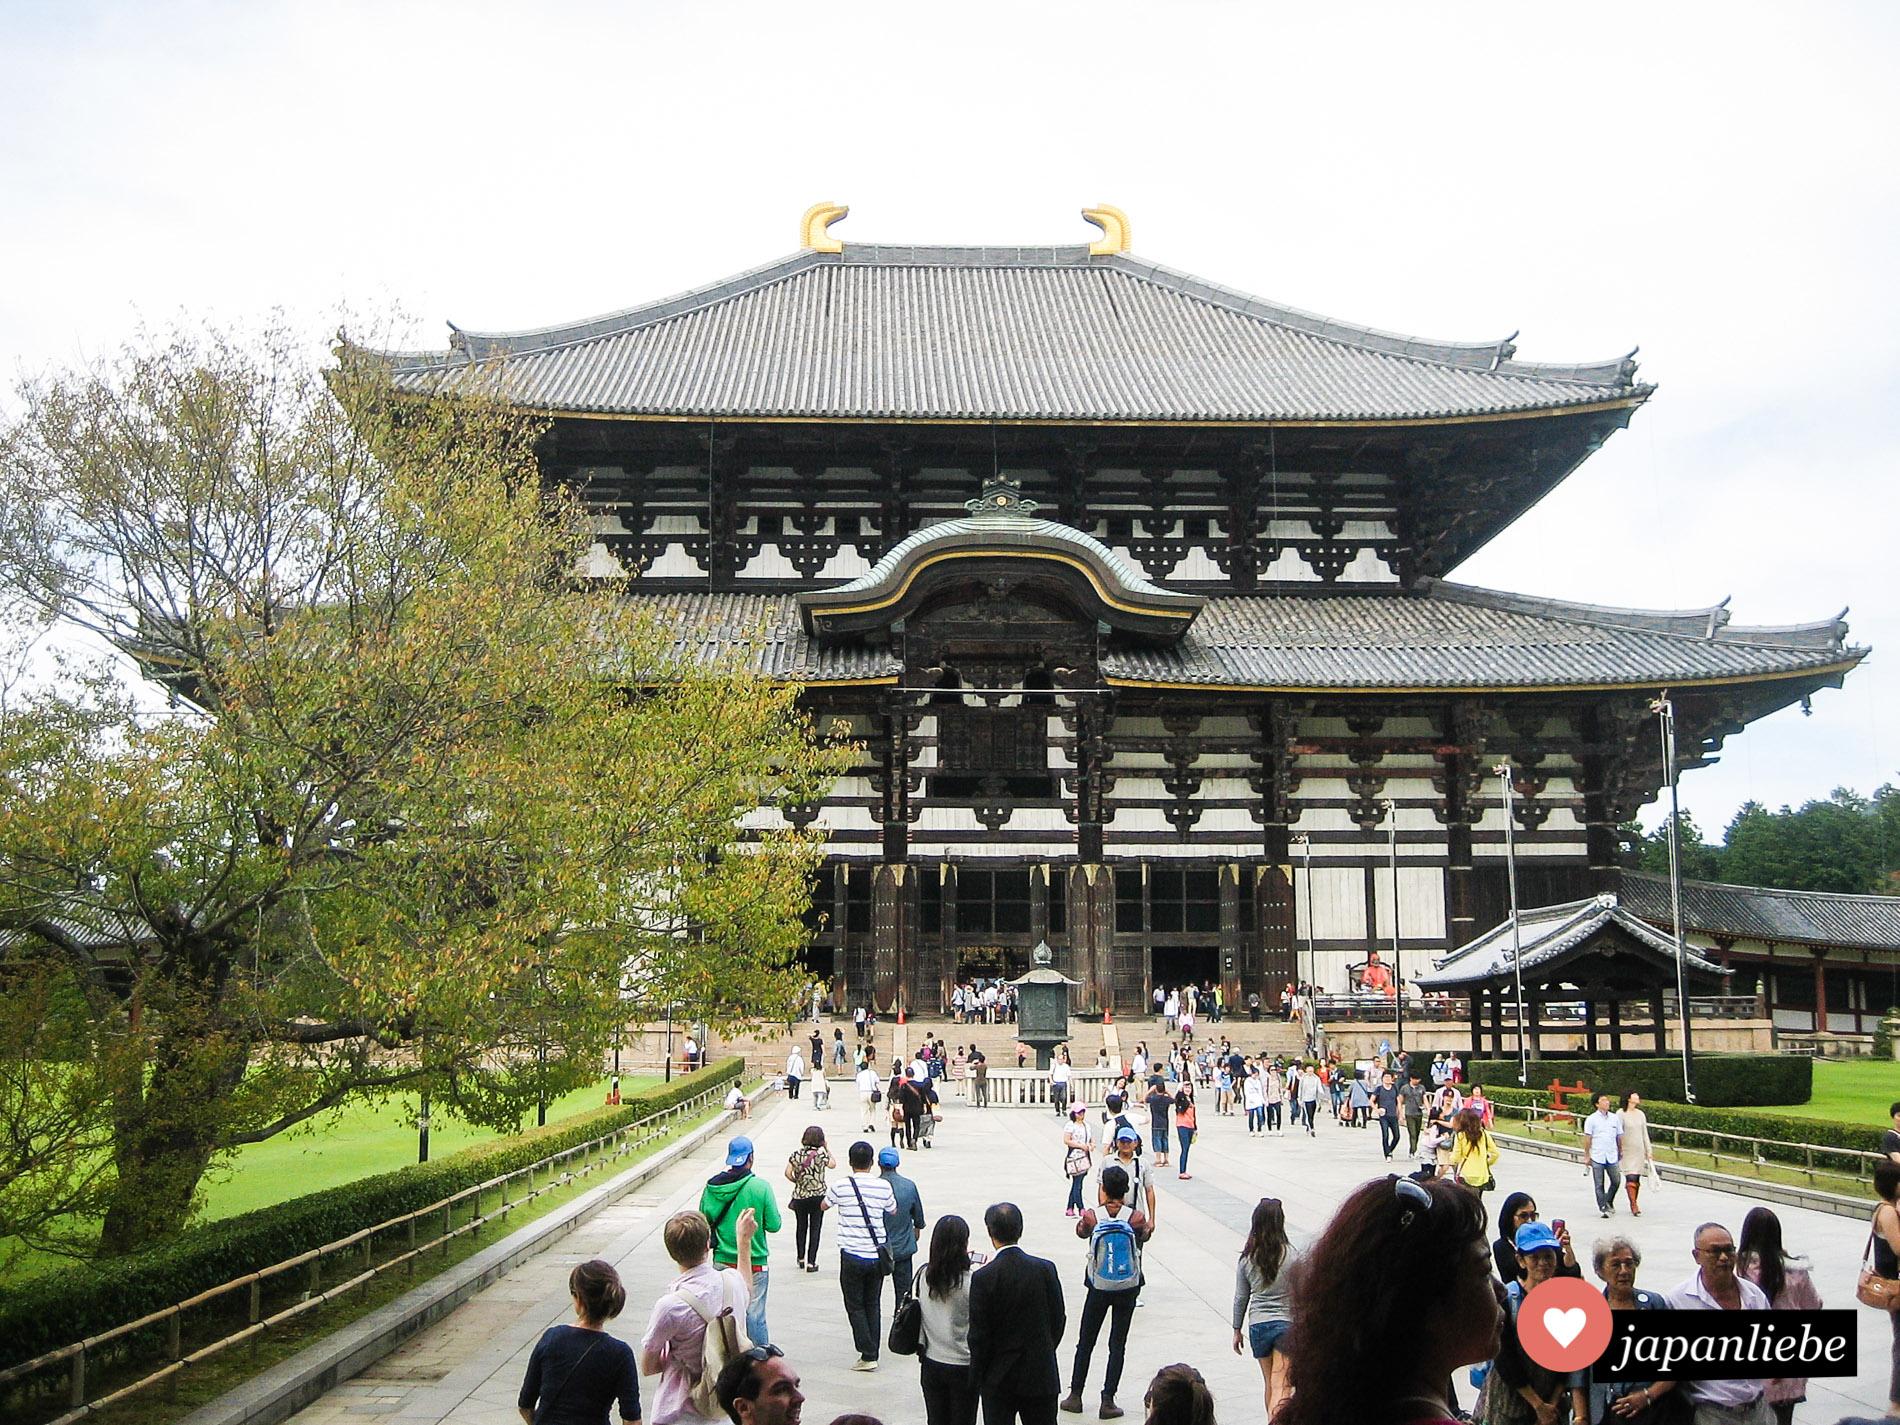 Die Haupthalle des Todai-ji-Tempels in Nara behergbert eine riesige Buddhastatue und gehört zum UNESCO Weltkulturerbe.